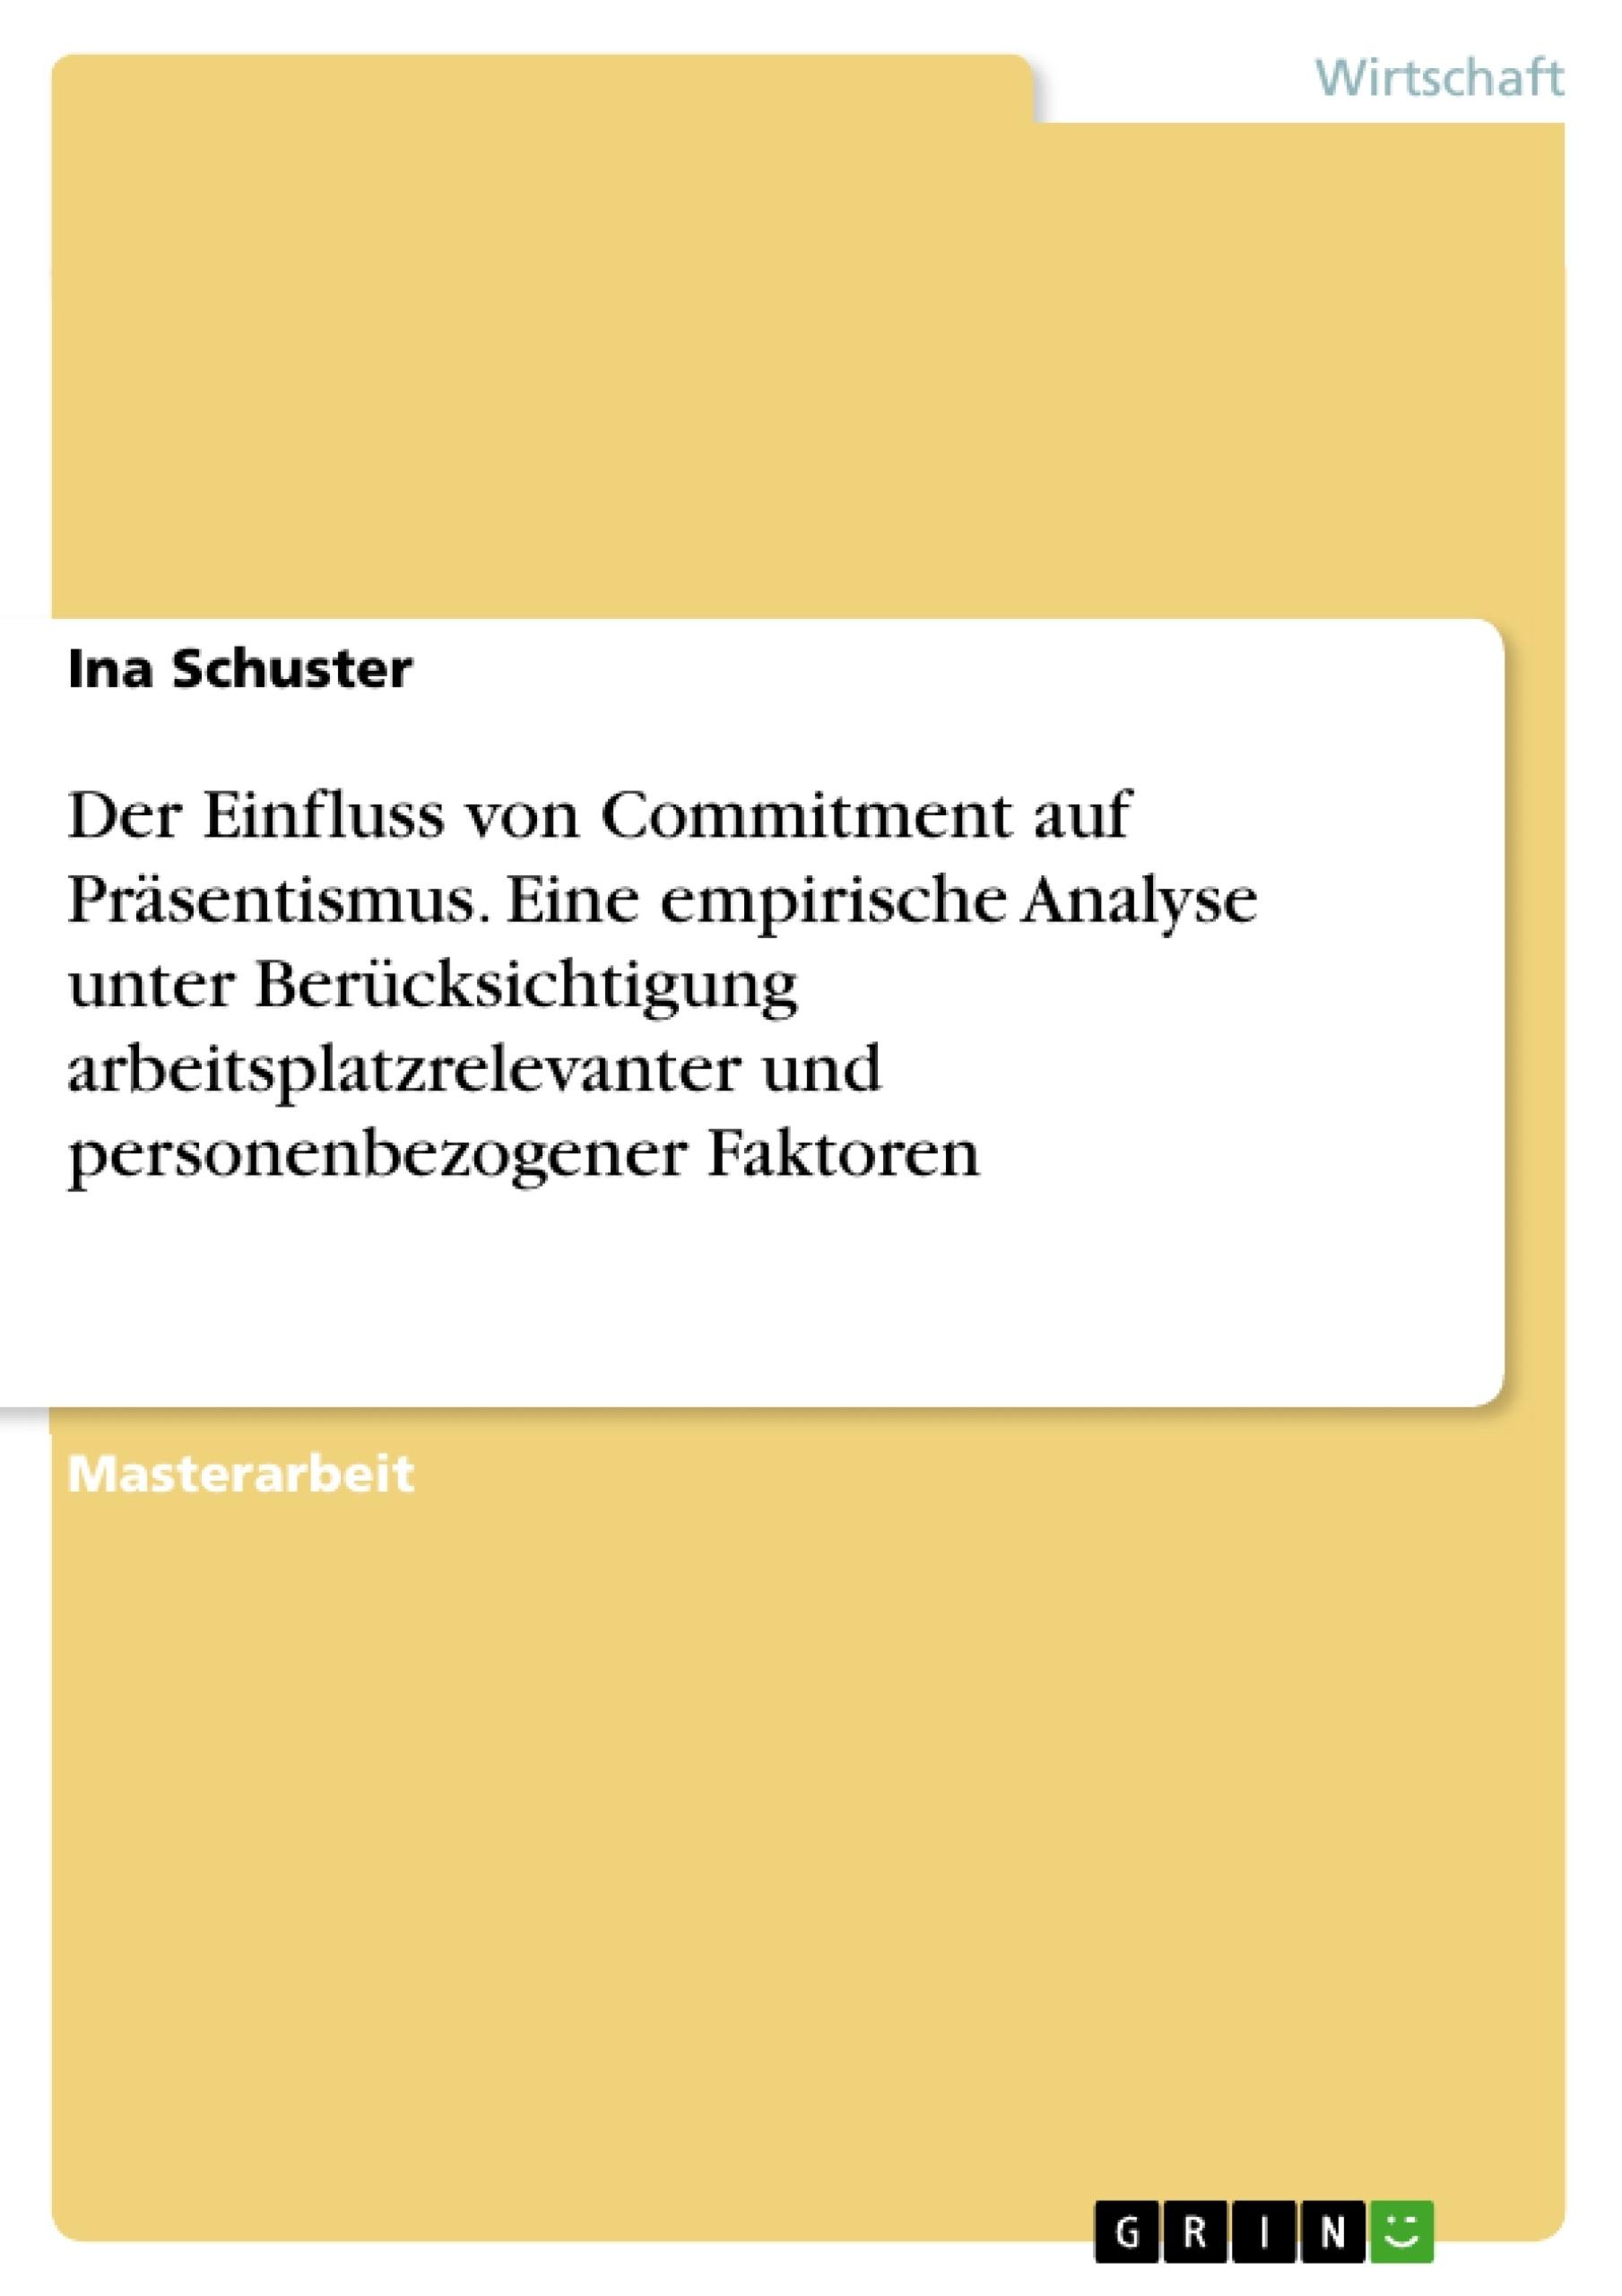 Titel: Der Einfluss von Commitment auf Präsentismus. Eine empirische Analyse unter Berücksichtigung arbeitsplatzrelevanter und personenbezogener Faktoren